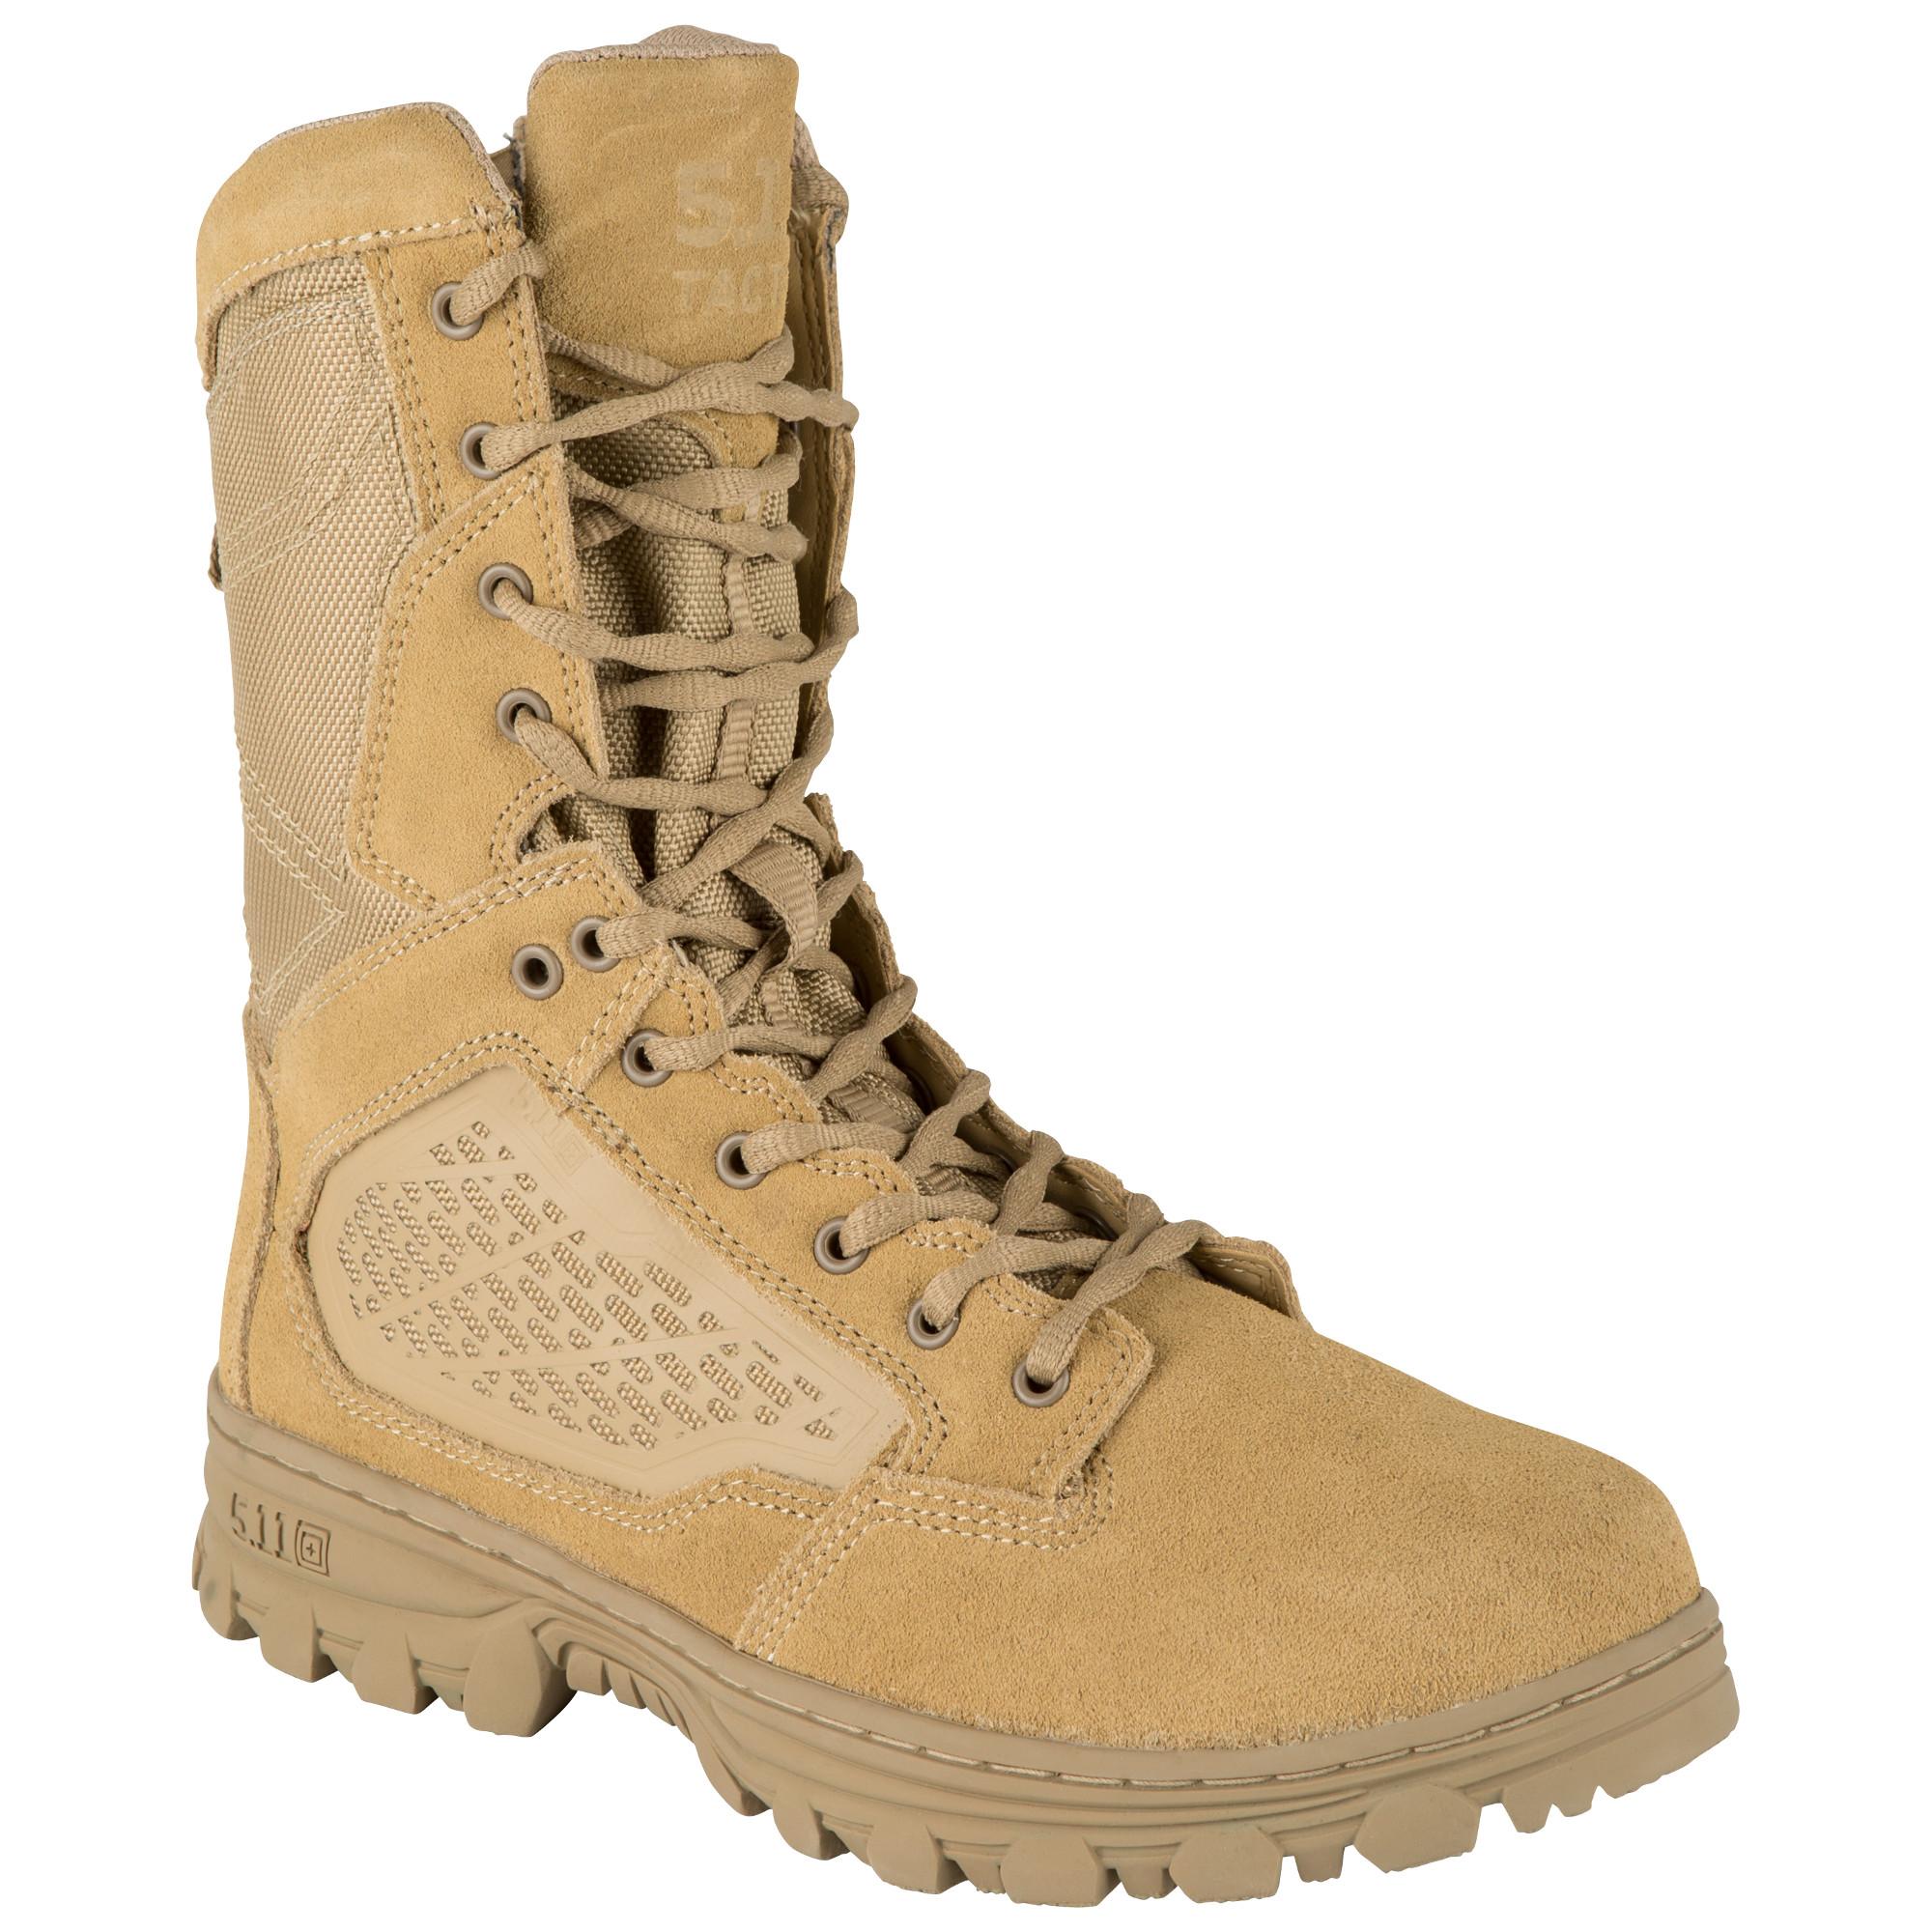 5.11 Tactical Mens Evo 8 Desert Side Zip Boot-5.11 Tactical